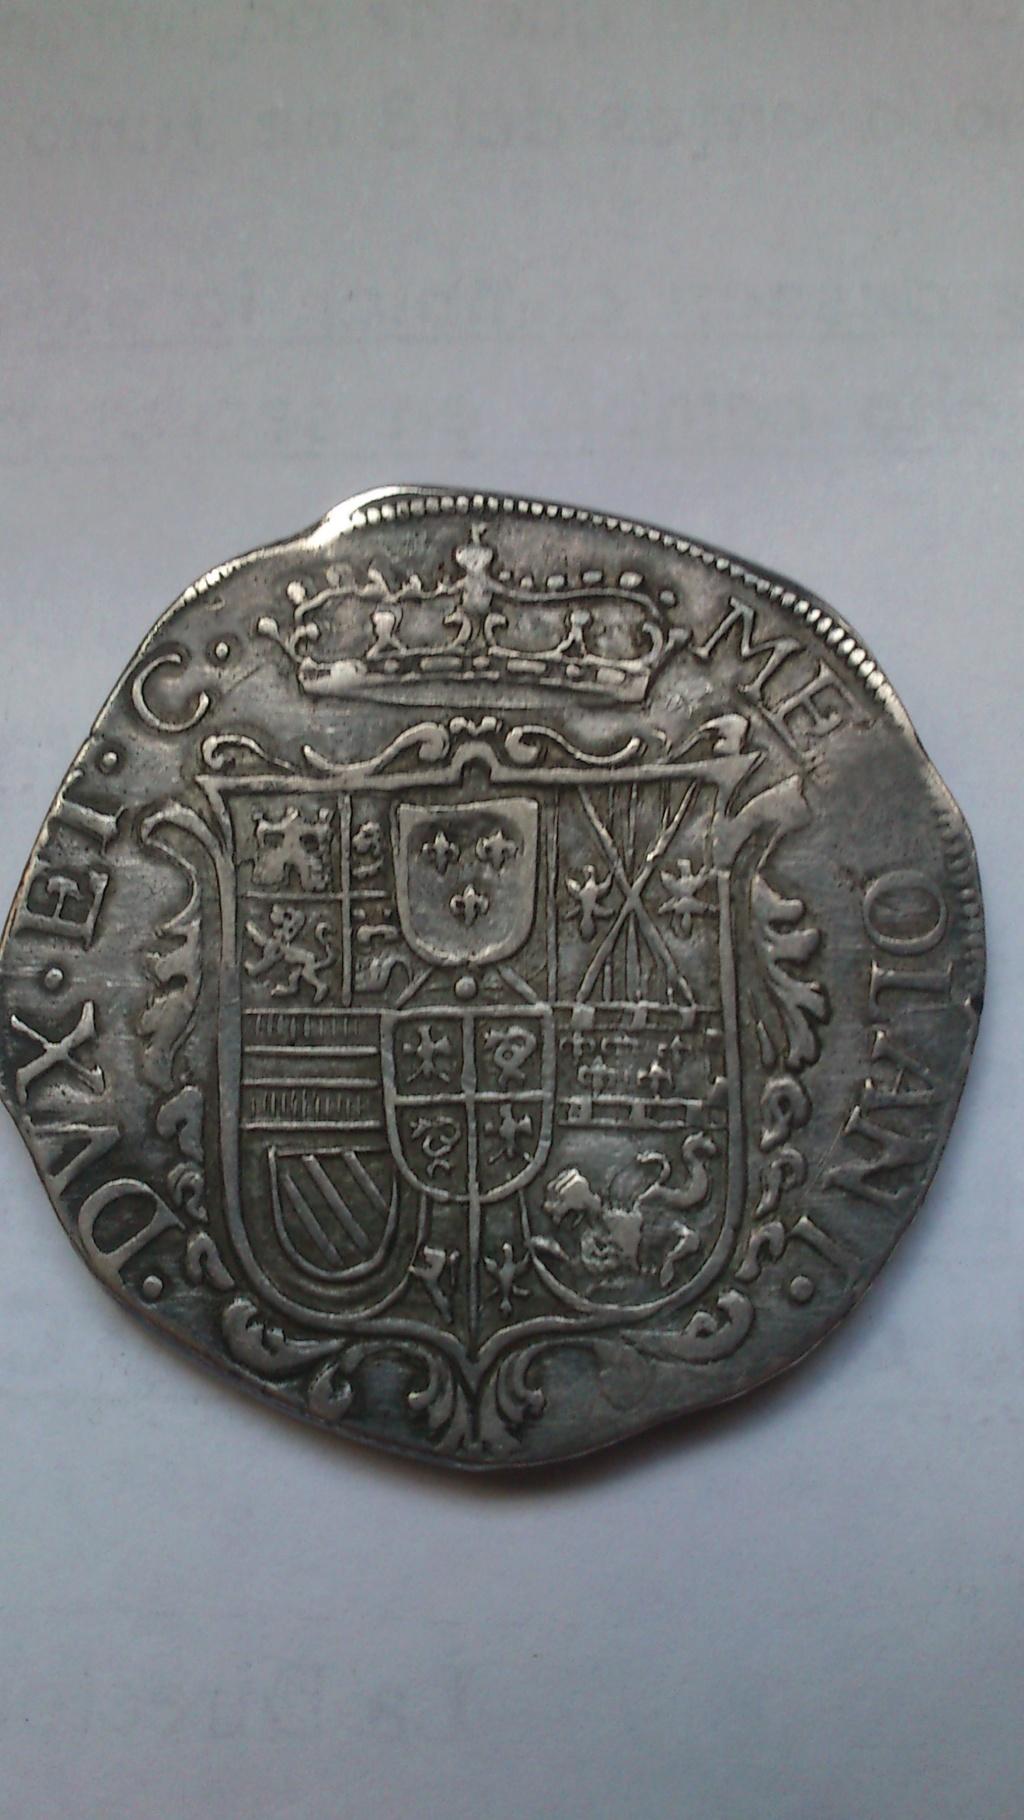 España, su imperio y la madre que parió a la cantidad de monedas que hicieron. Dsc_0075